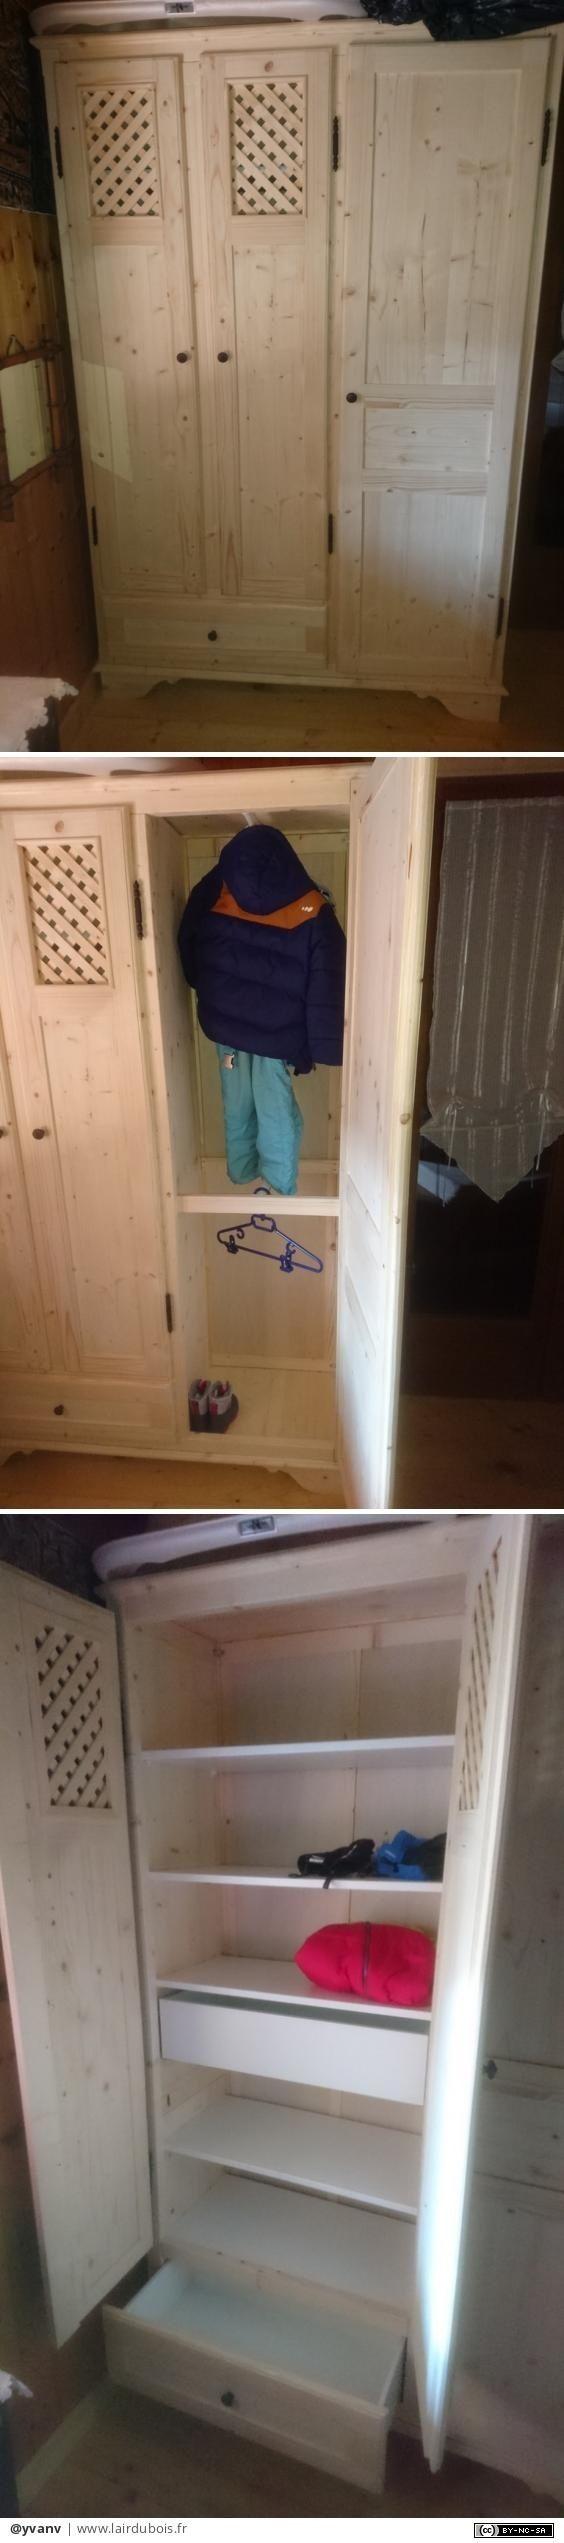 """Petite armoire par yvanv - Petite armoire faite dans l'urgence pour meubler une chambre à donner. A noter que la profondeur réduite m'a contraint à faire la penderie """"de face""""... Pris par le temps, j'ai acheté 2 tiroirs chez Ikéa......"""